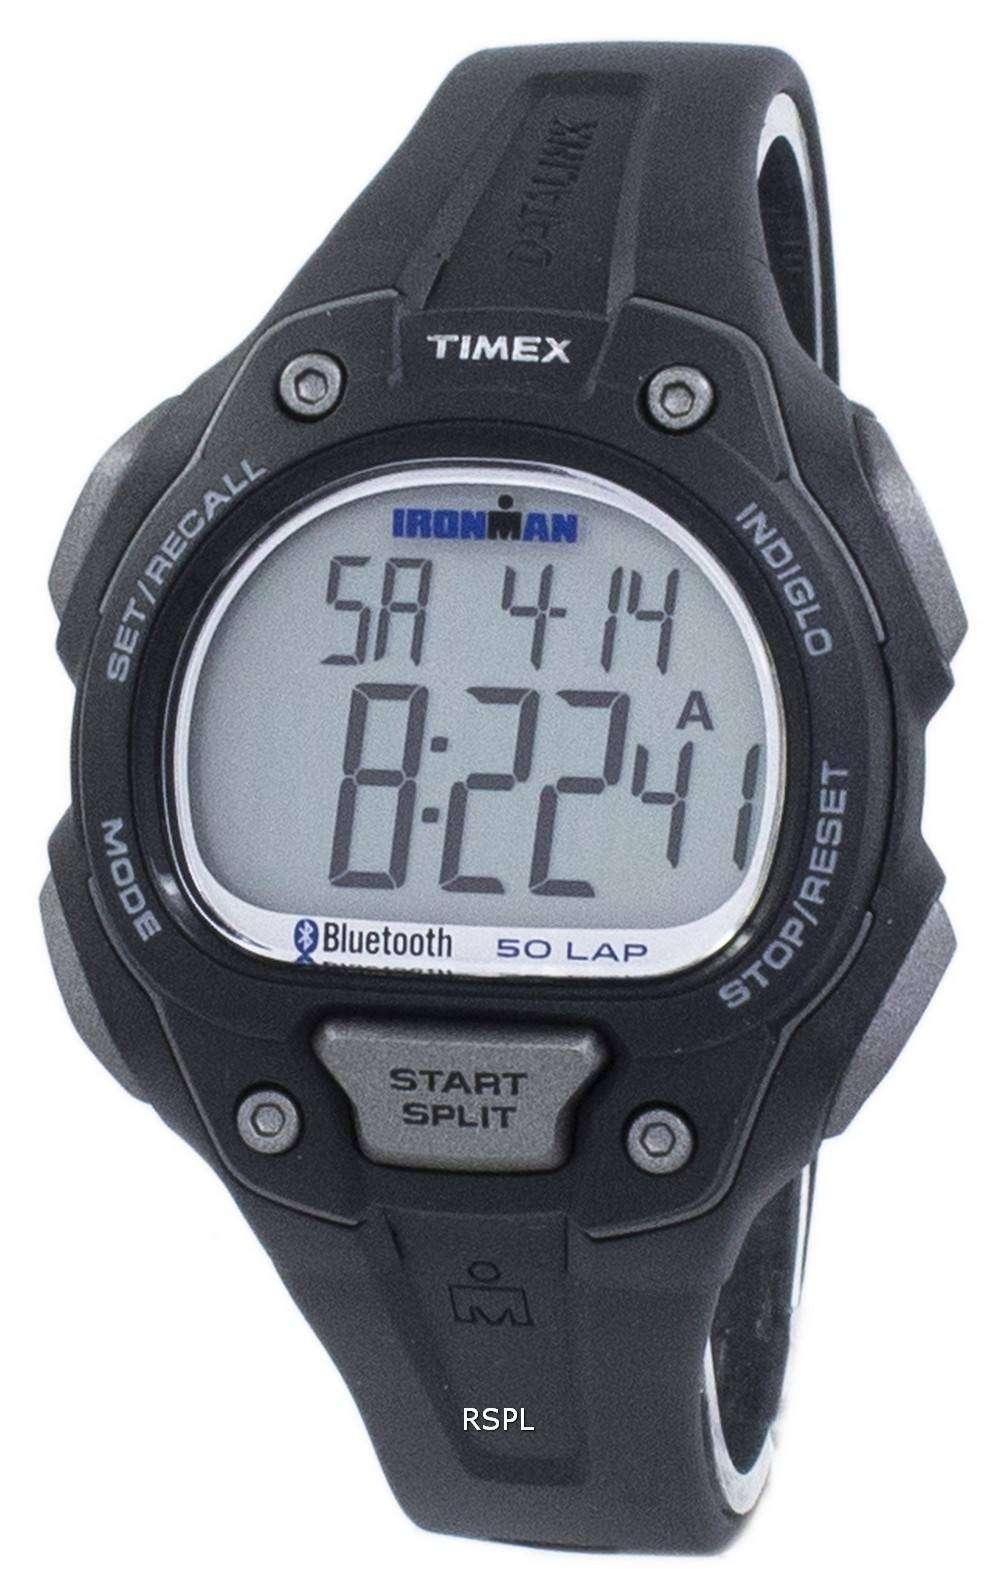 タイメックスのアイアンマン データリンク Bluetooth Indiglo デジタル TW5K86500 メンズ腕時計をスポーツします。